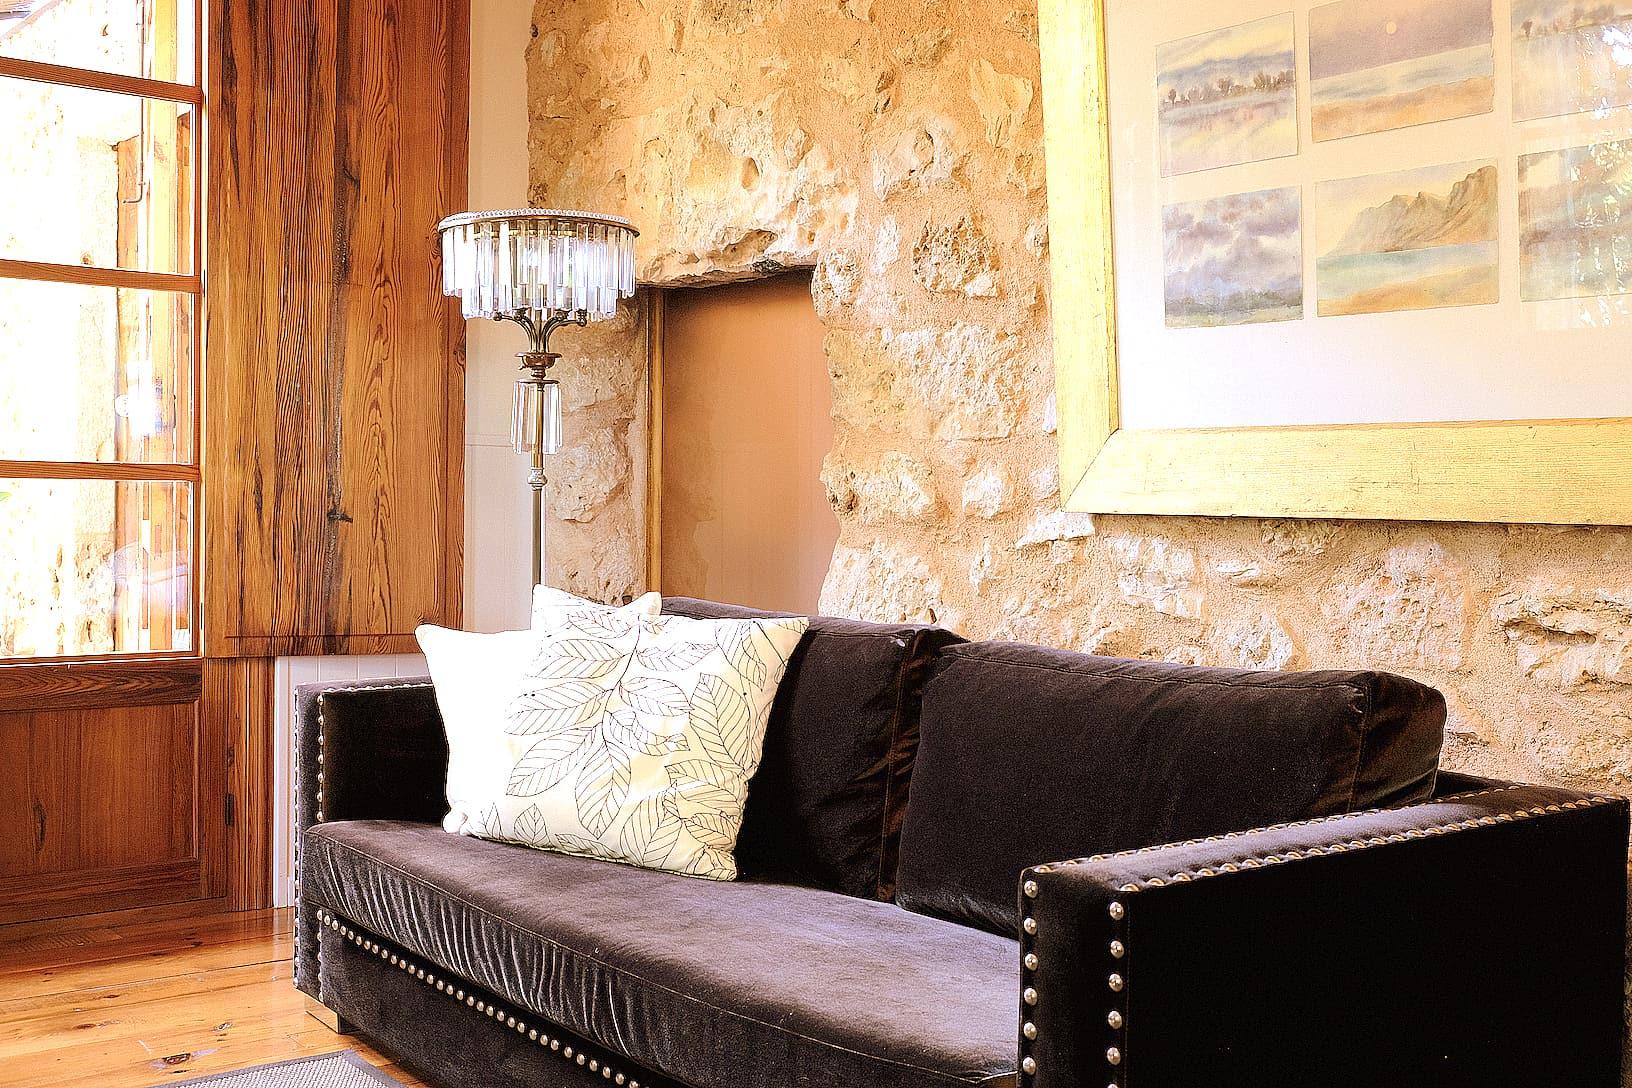 Einliegerwohnung im Landhaus auf Mallorca